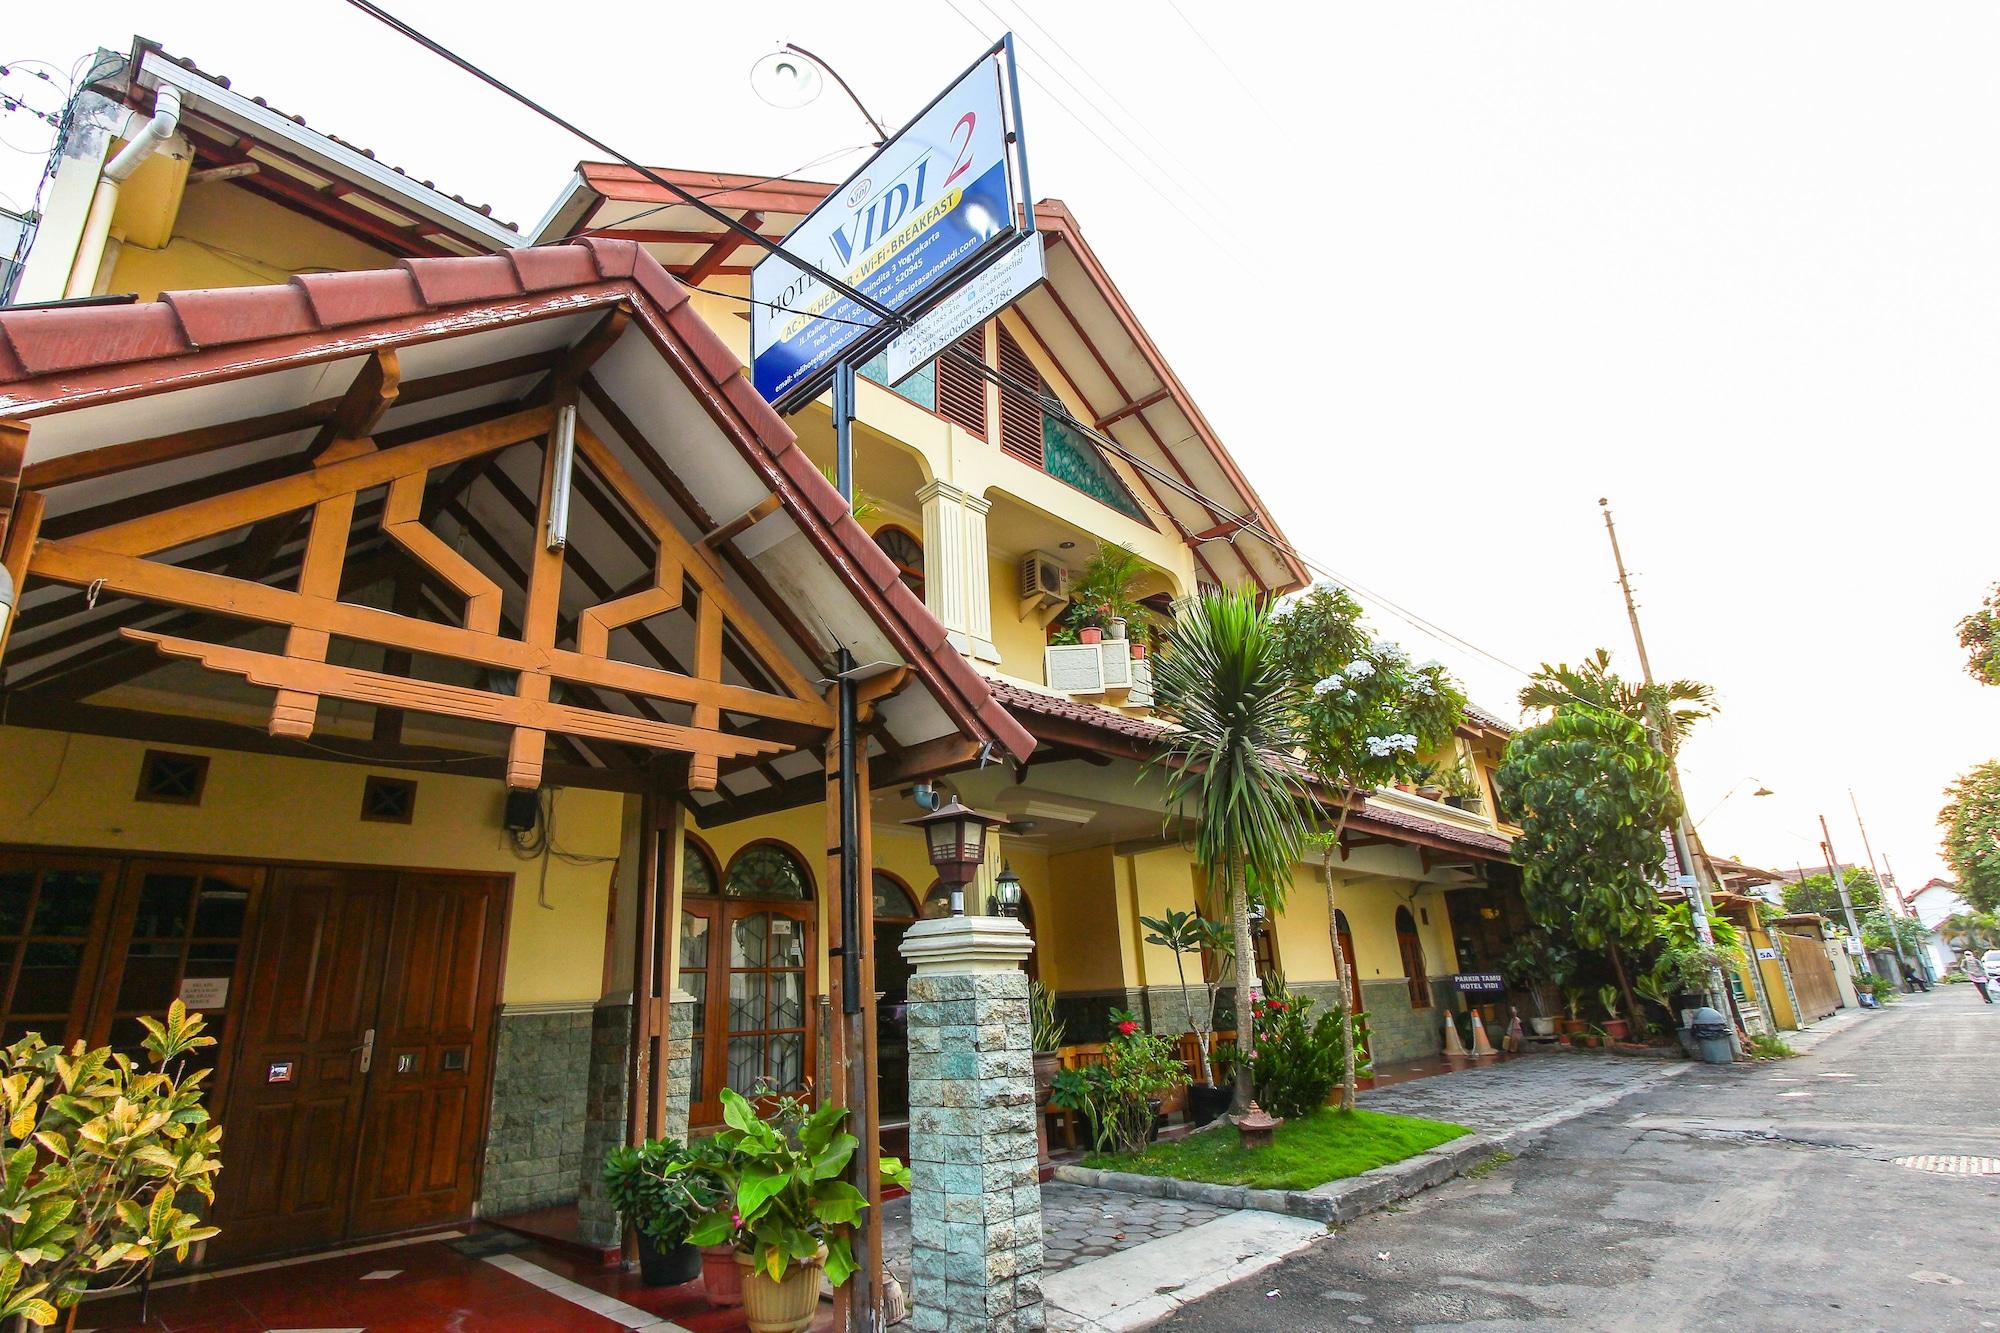 Hotel Vidi 2, Yogyakarta